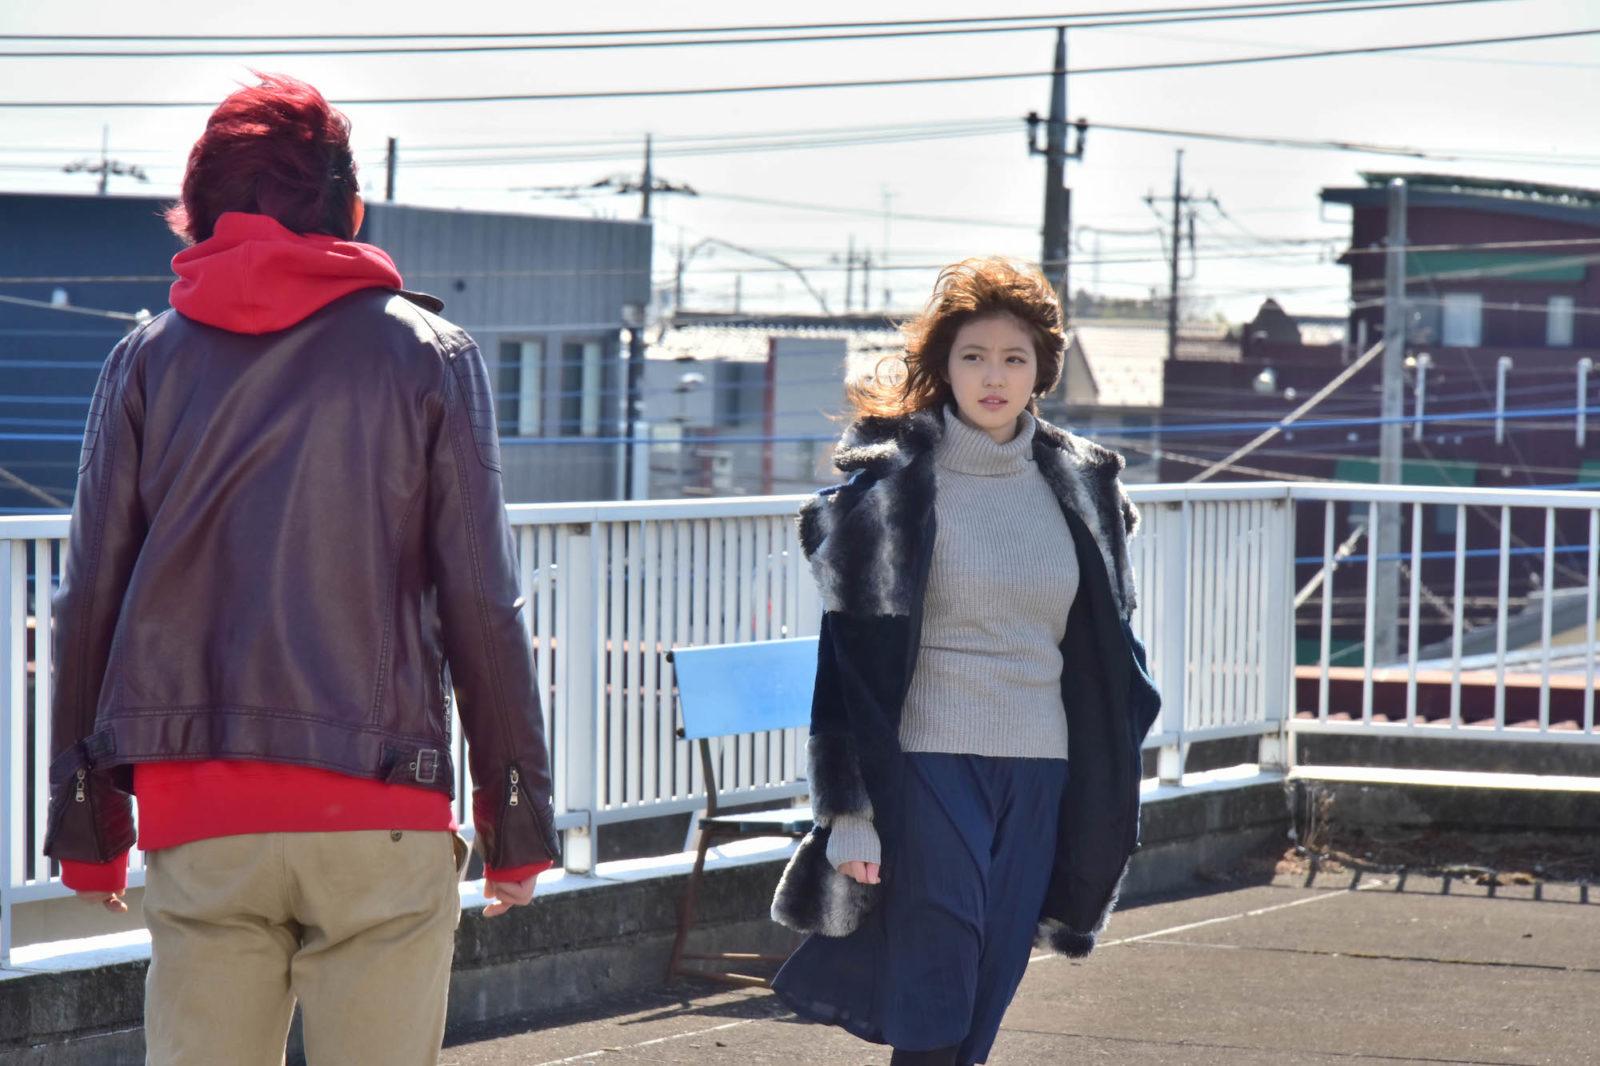 映画・ドラマで活躍!人気急上昇中の今田美桜が仕事とこれからについて語る「もっともっといろんな役に挑戦していきたい」【インタビュー】画像48950